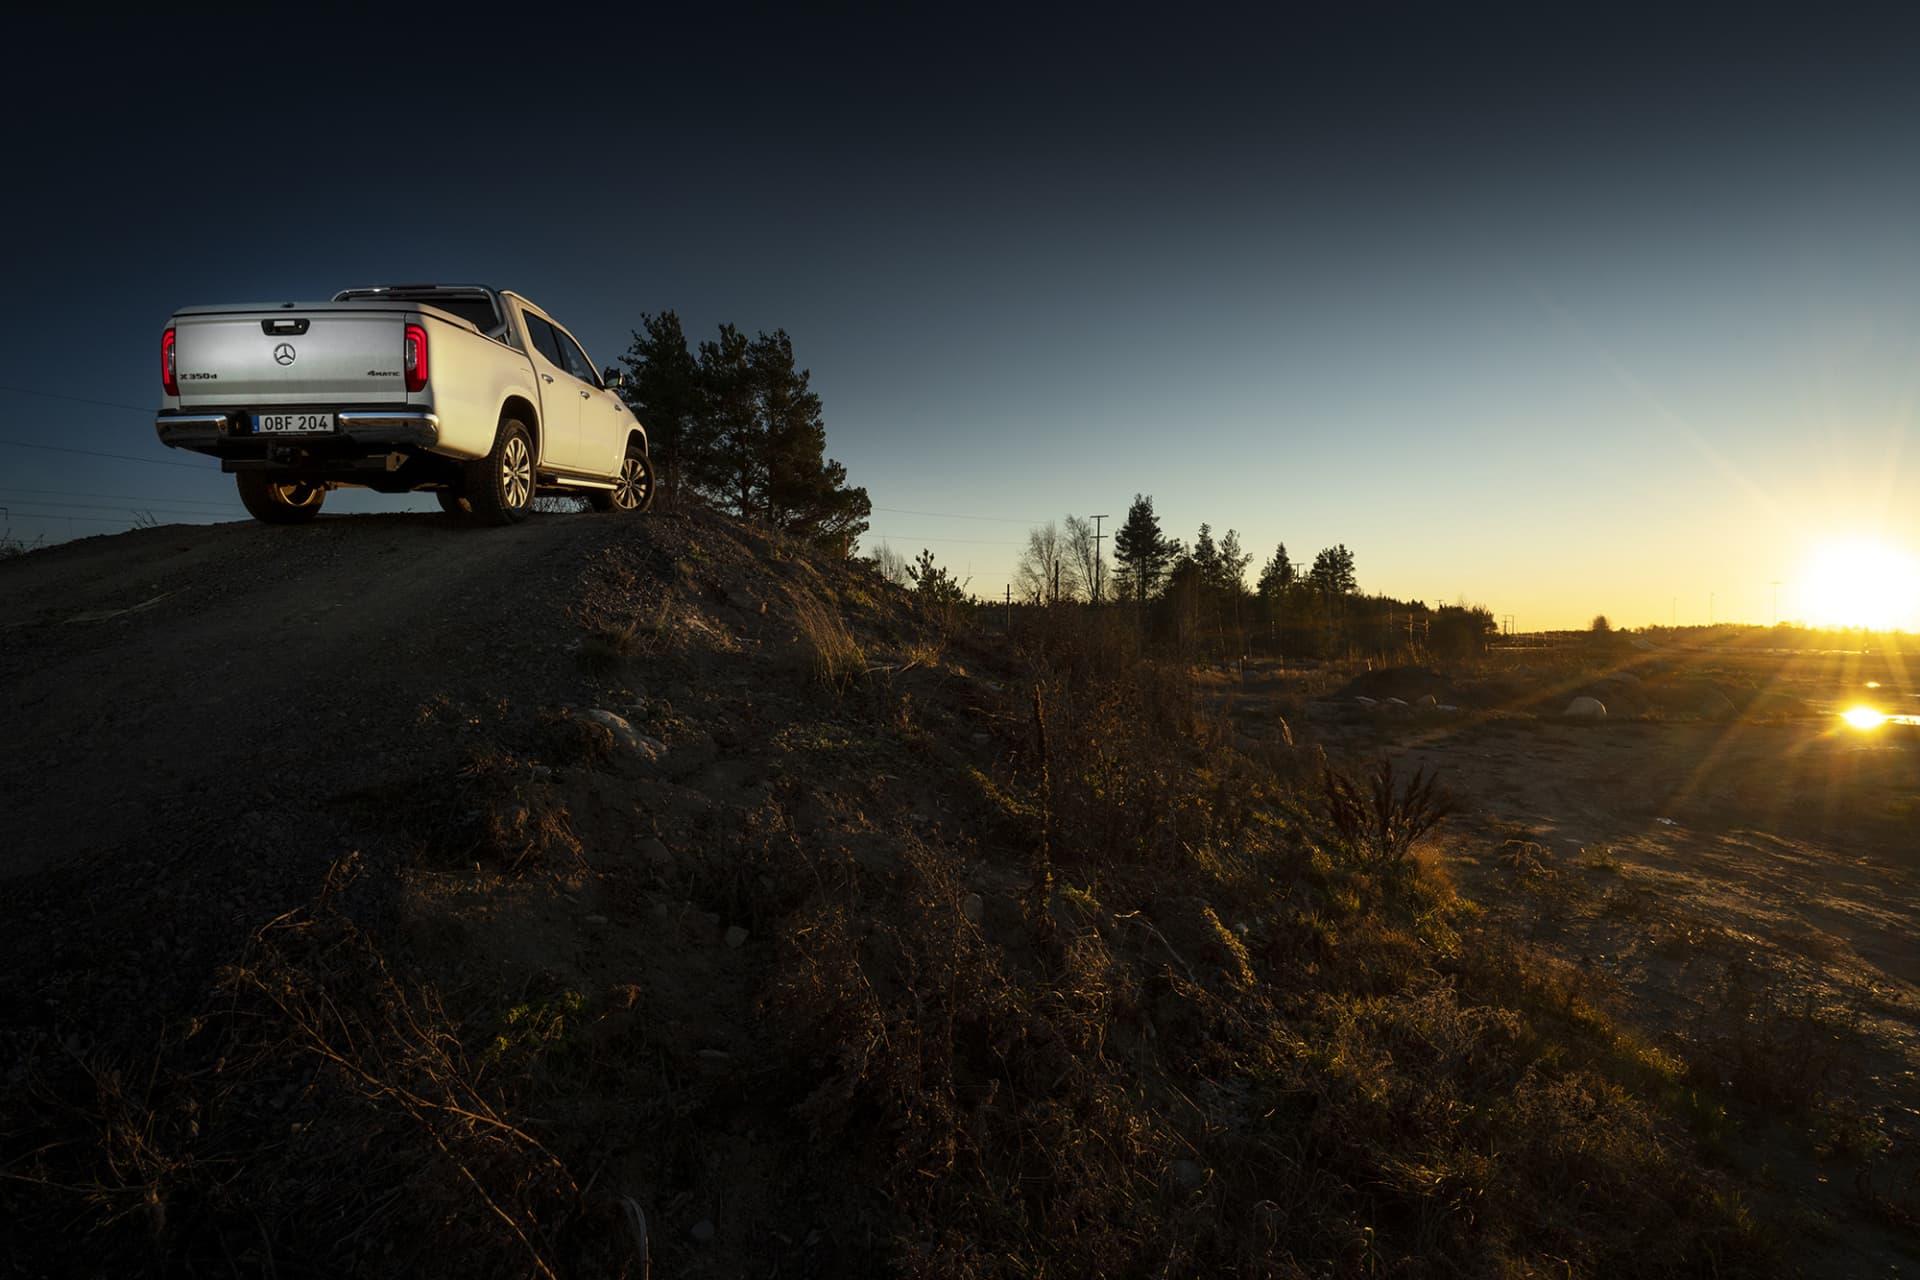 Tots sitt släckte med Nissan Navara känns Mercedes X-Klass nu fulländad tack vare den nya kraftfullaV6-dieseln.